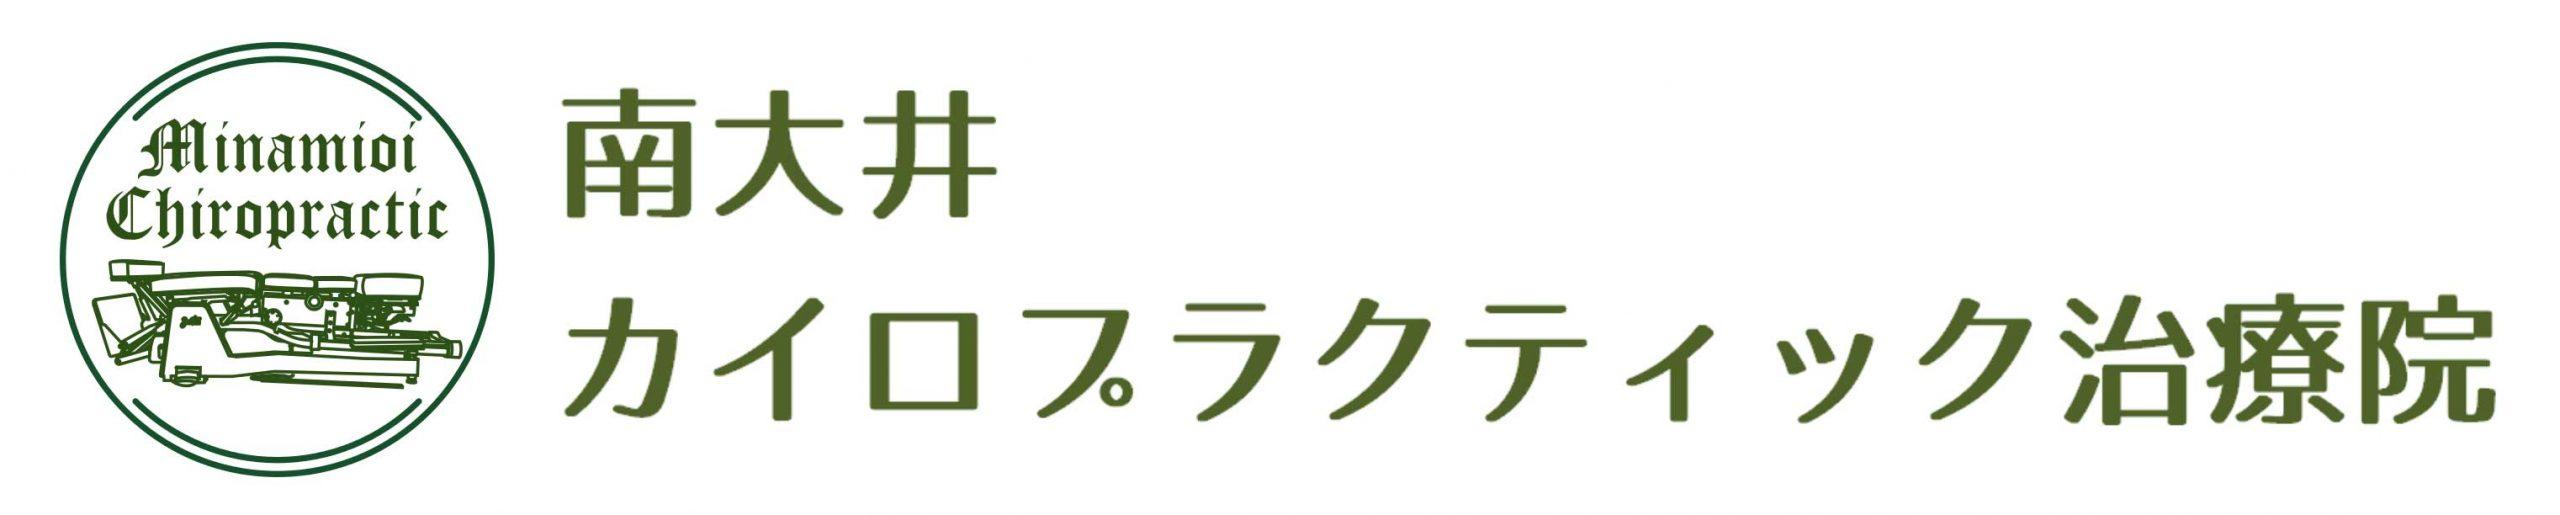 南大井カイロプラクティック治療院/東京都品川区